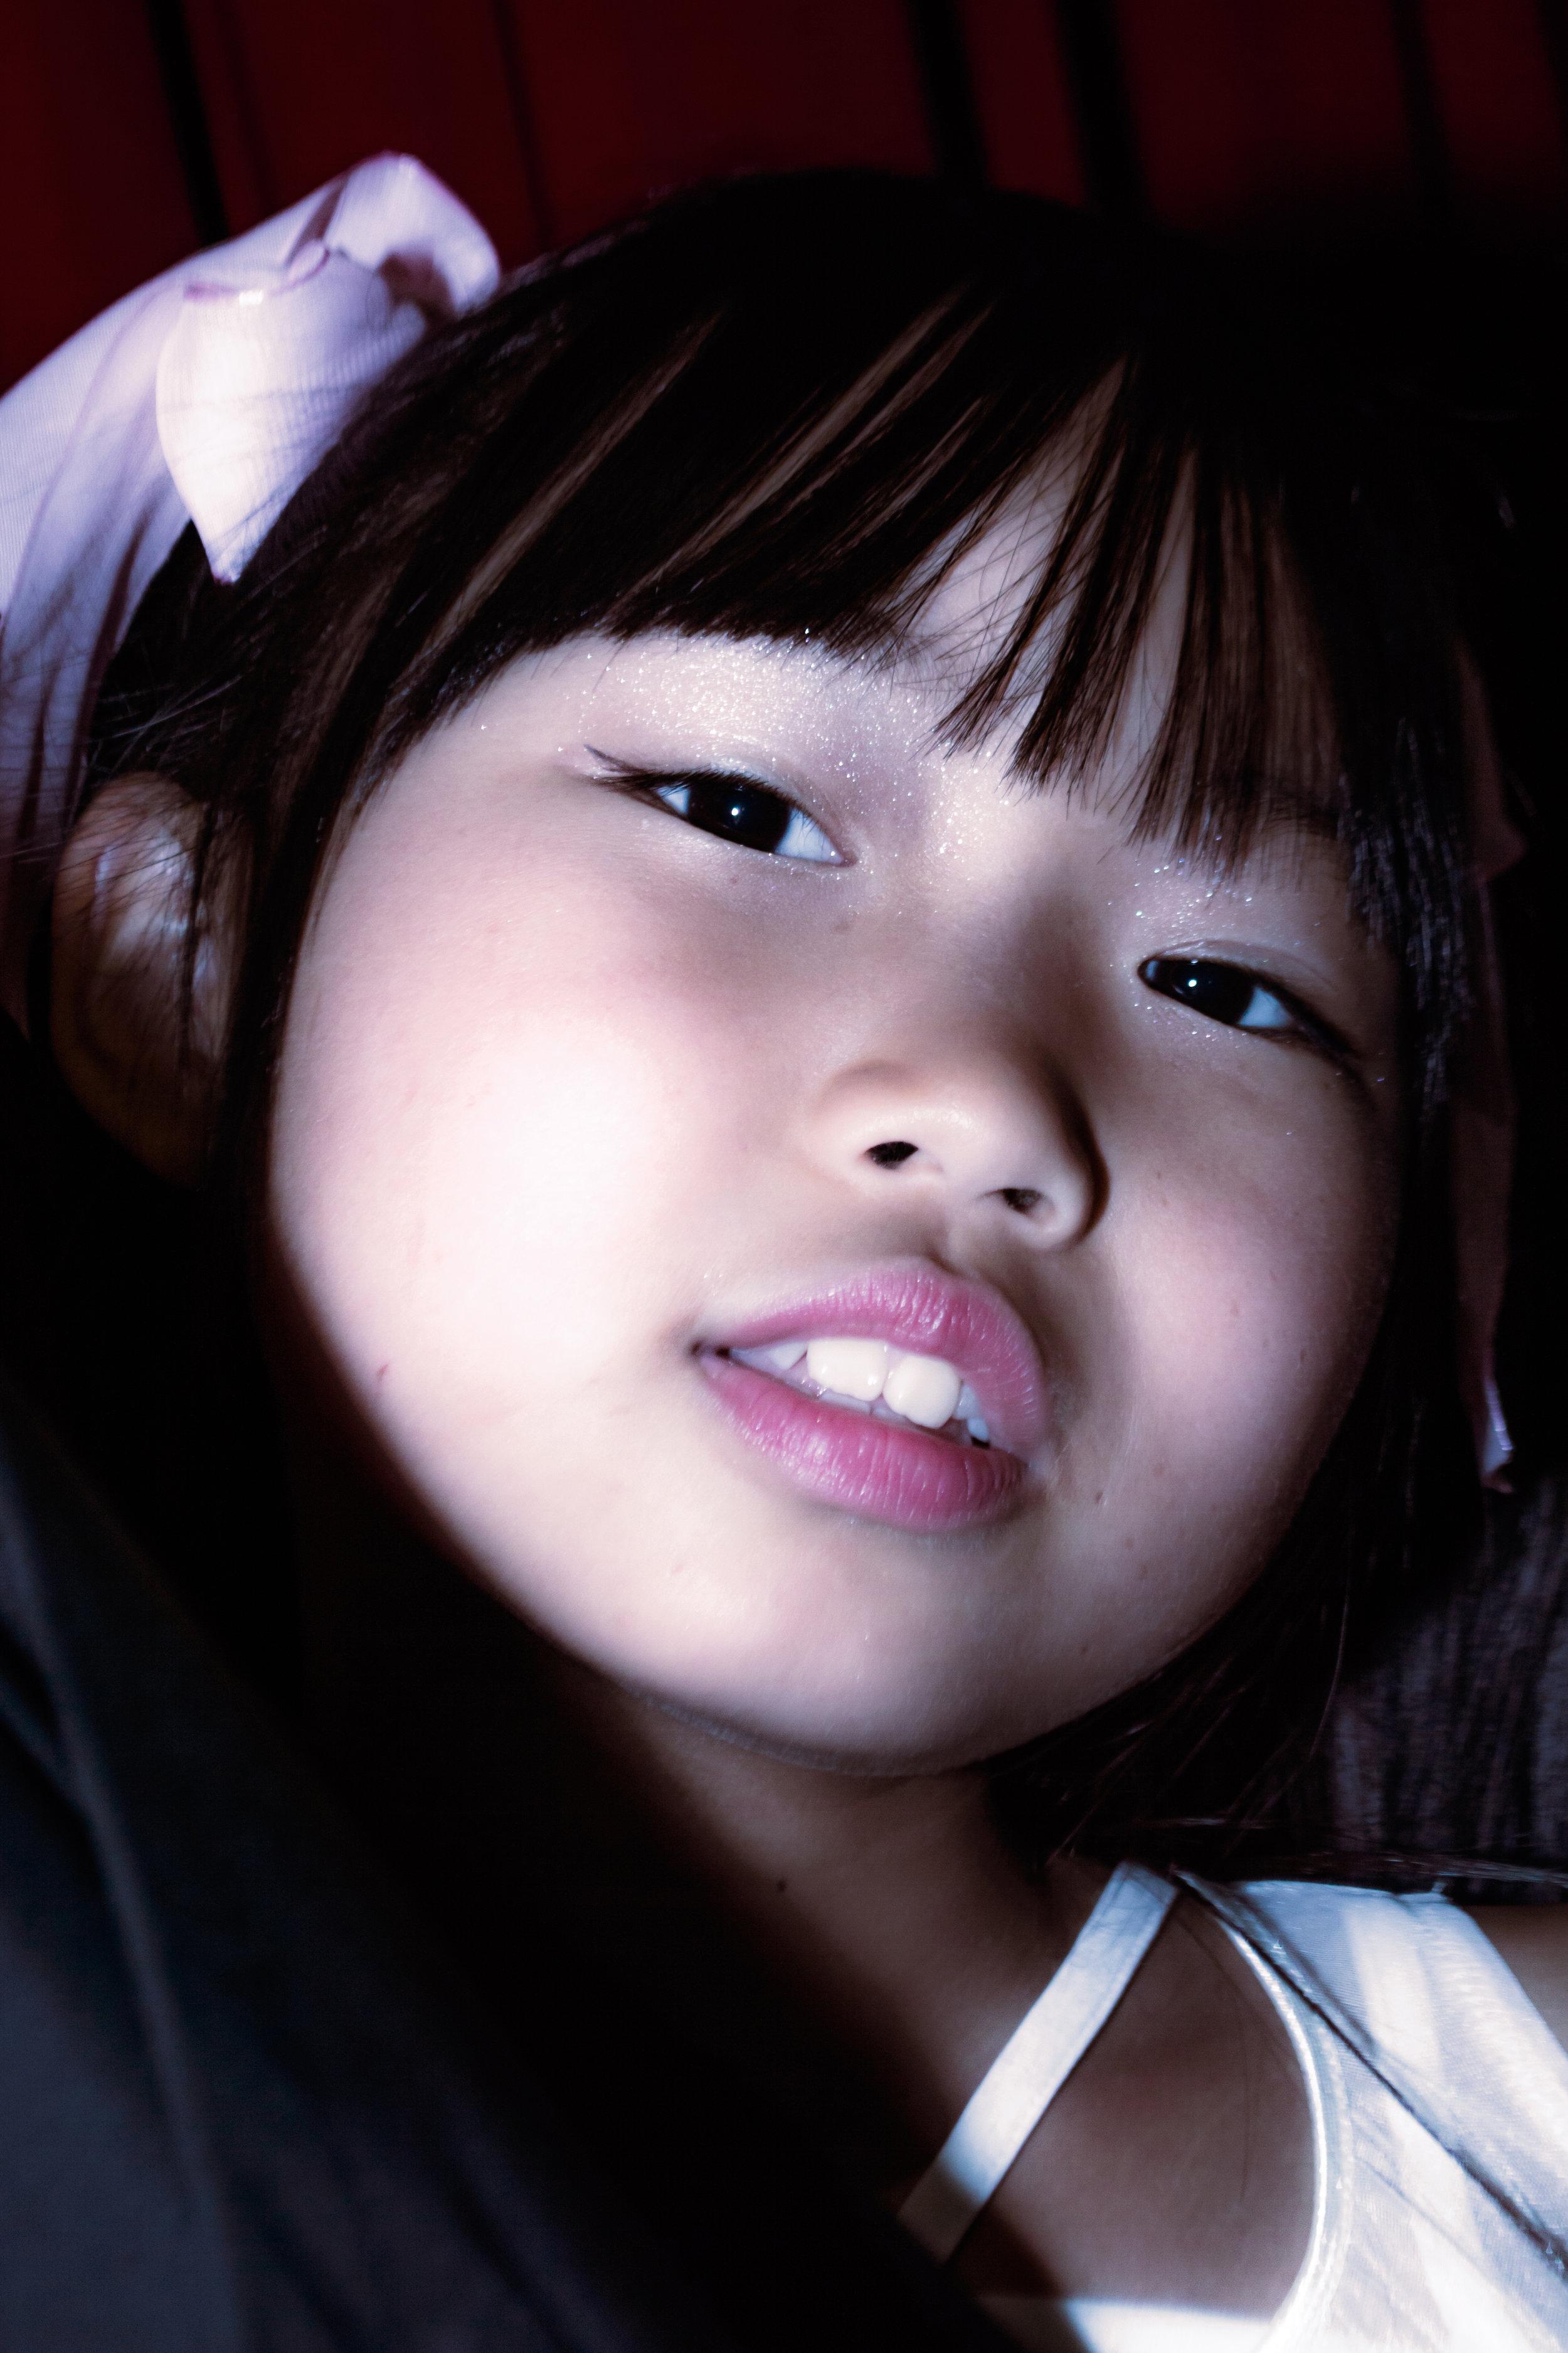 DSC_0629ocr1.jpg